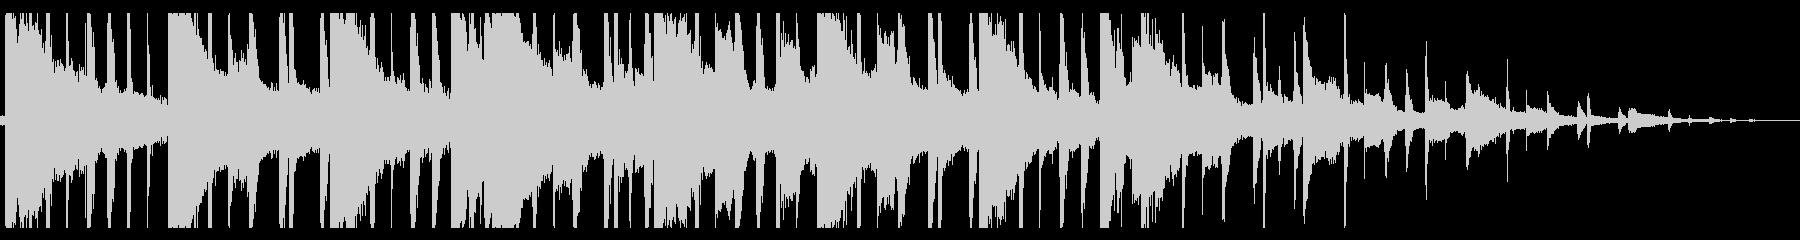 都会/ヒップホップ_No397_3の未再生の波形